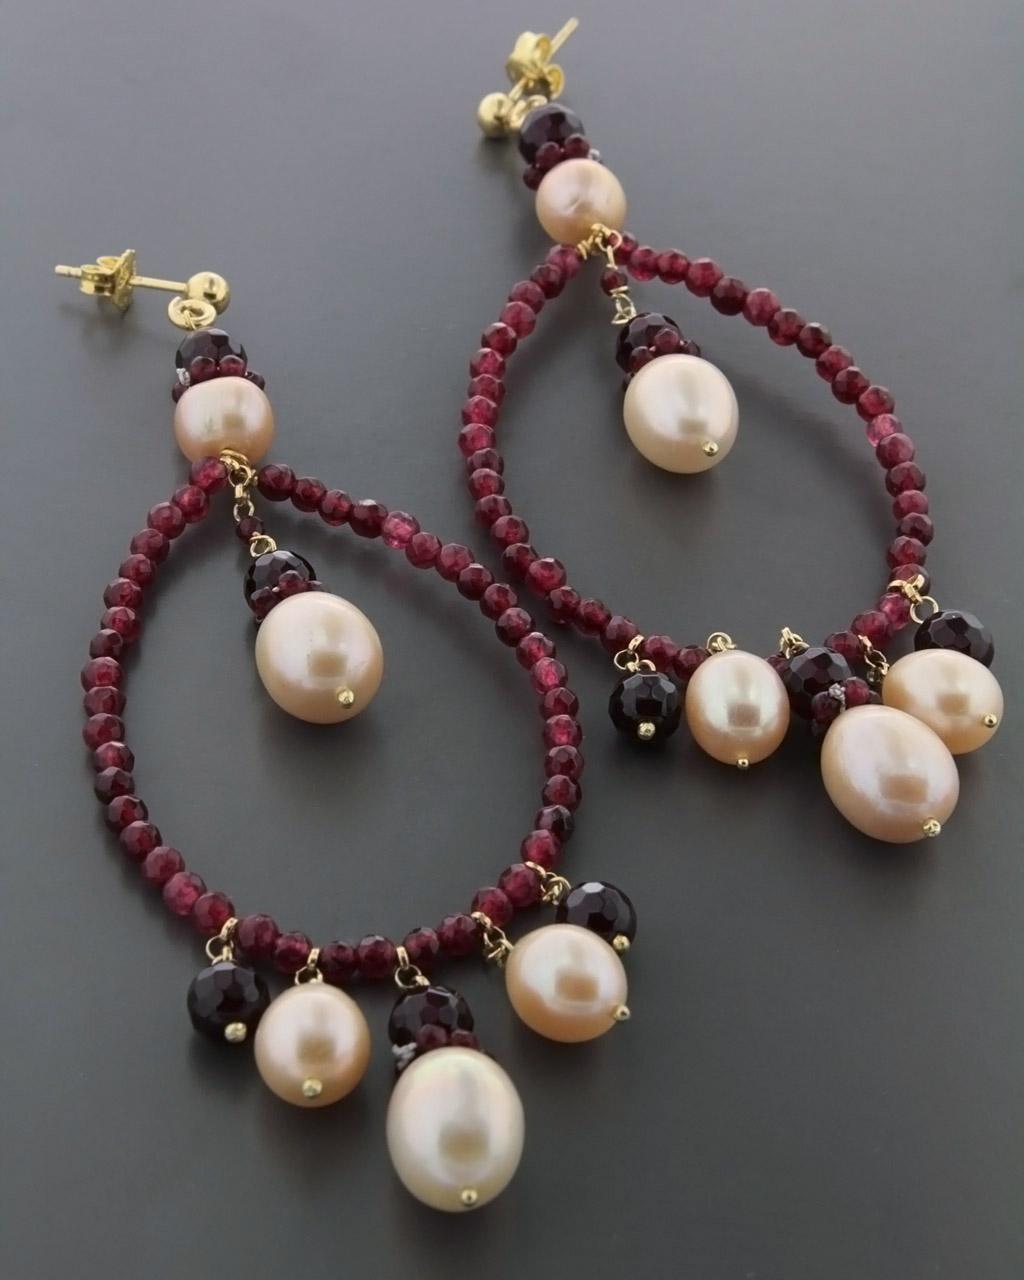 Σκουλαρίκια με Αχάτη & Μαργαριτάρια   γυναικα σκουλαρίκια σκουλαρίκια ημιπολύτιμοι λίθοι